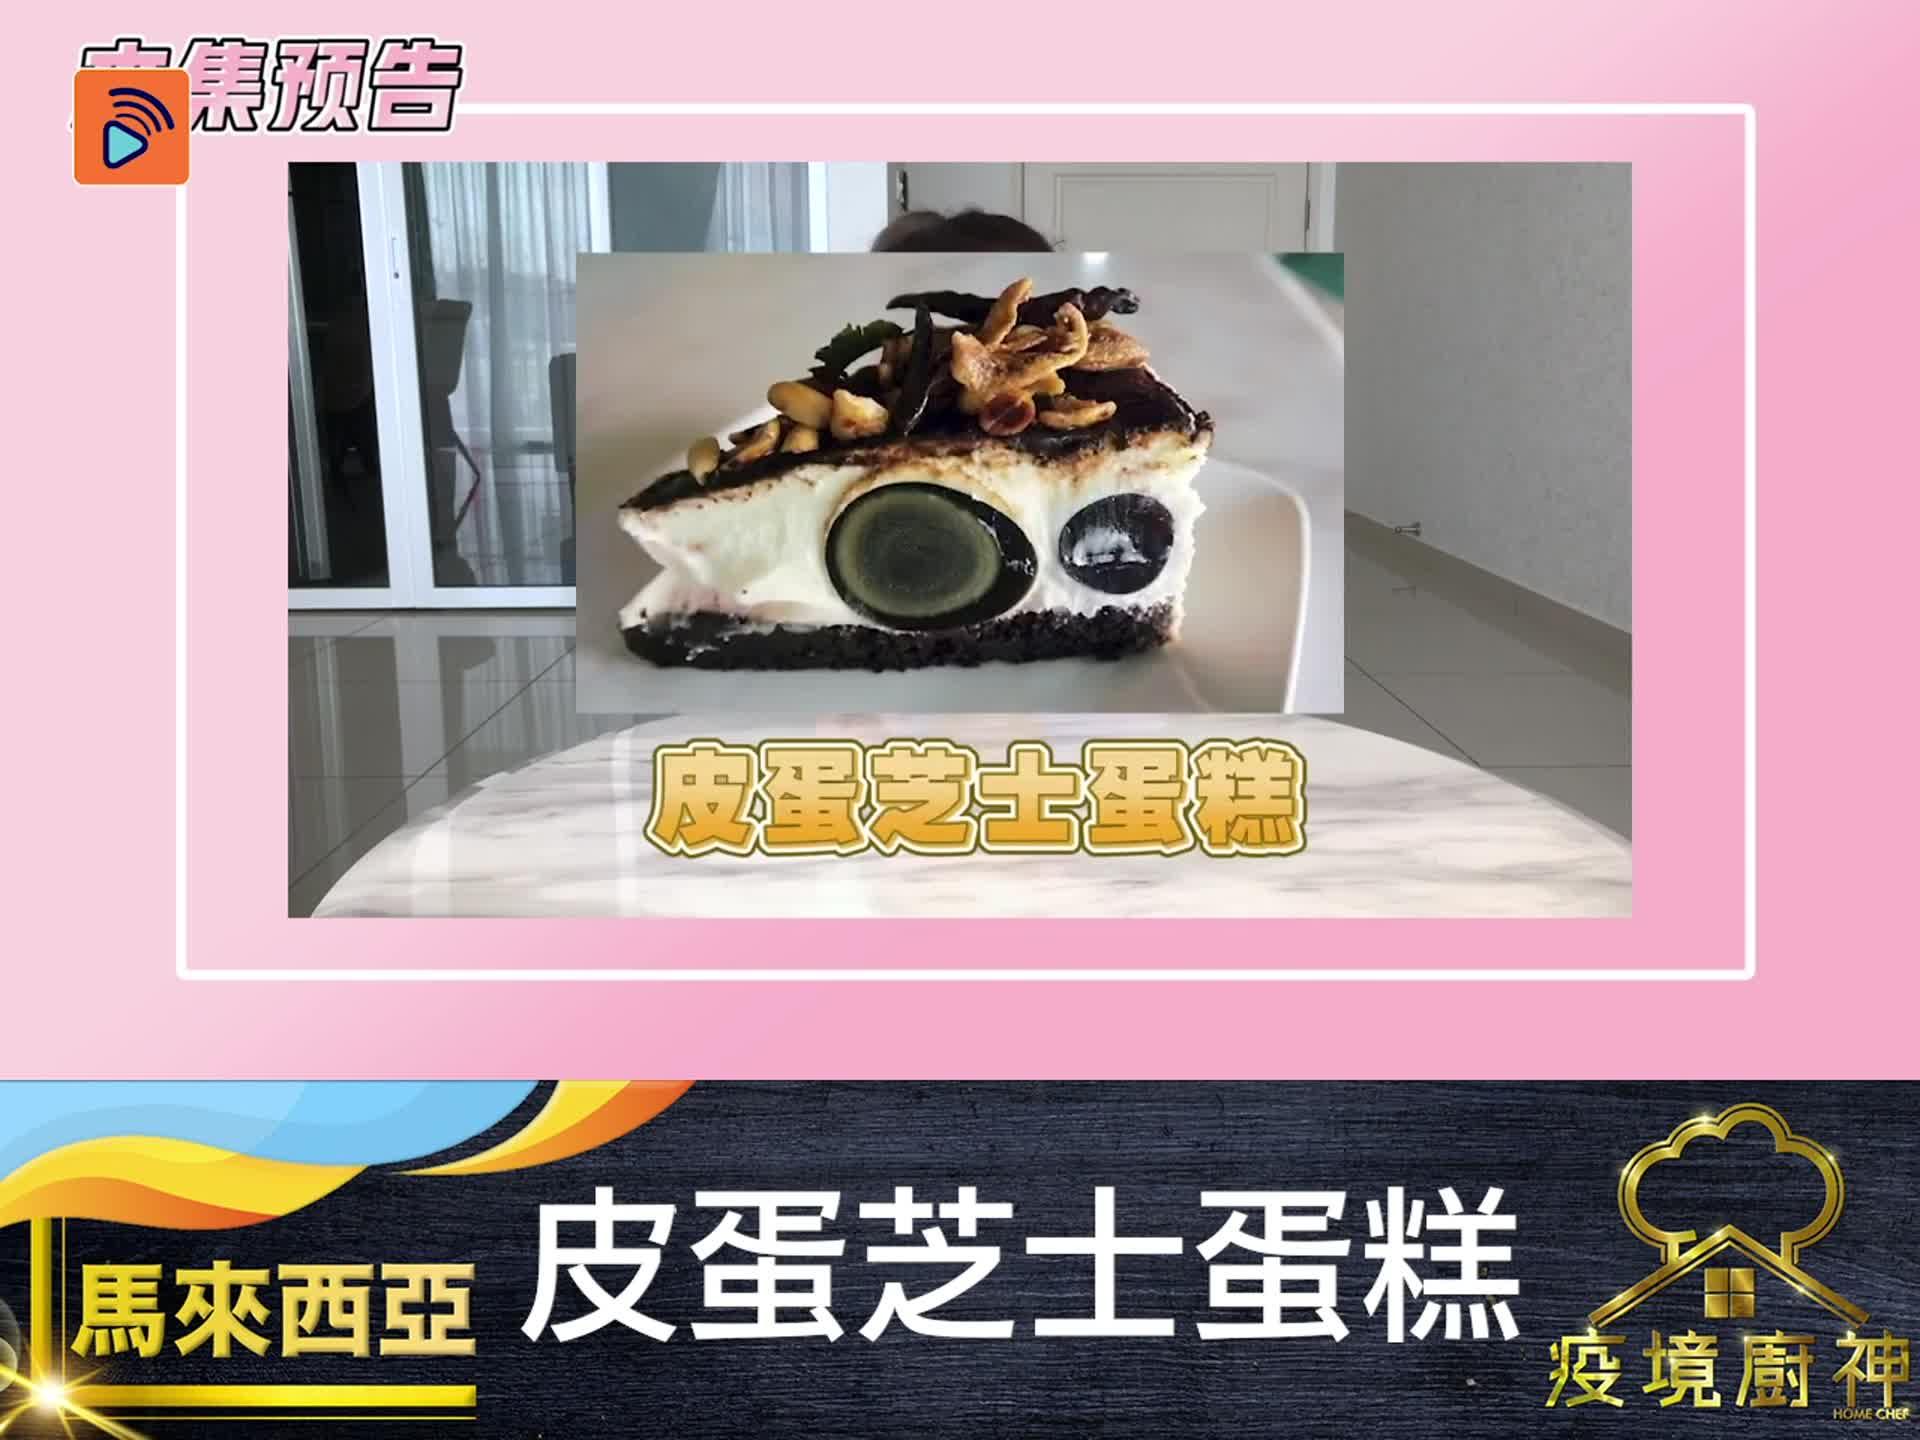 【皮蛋芝士蛋糕】~來自馬來西亞嘅疫境廚神~ 第一次整蛋糕就越級挑戰 奇葩皮蛋芝士蛋糕 望落又似模似樣喎!